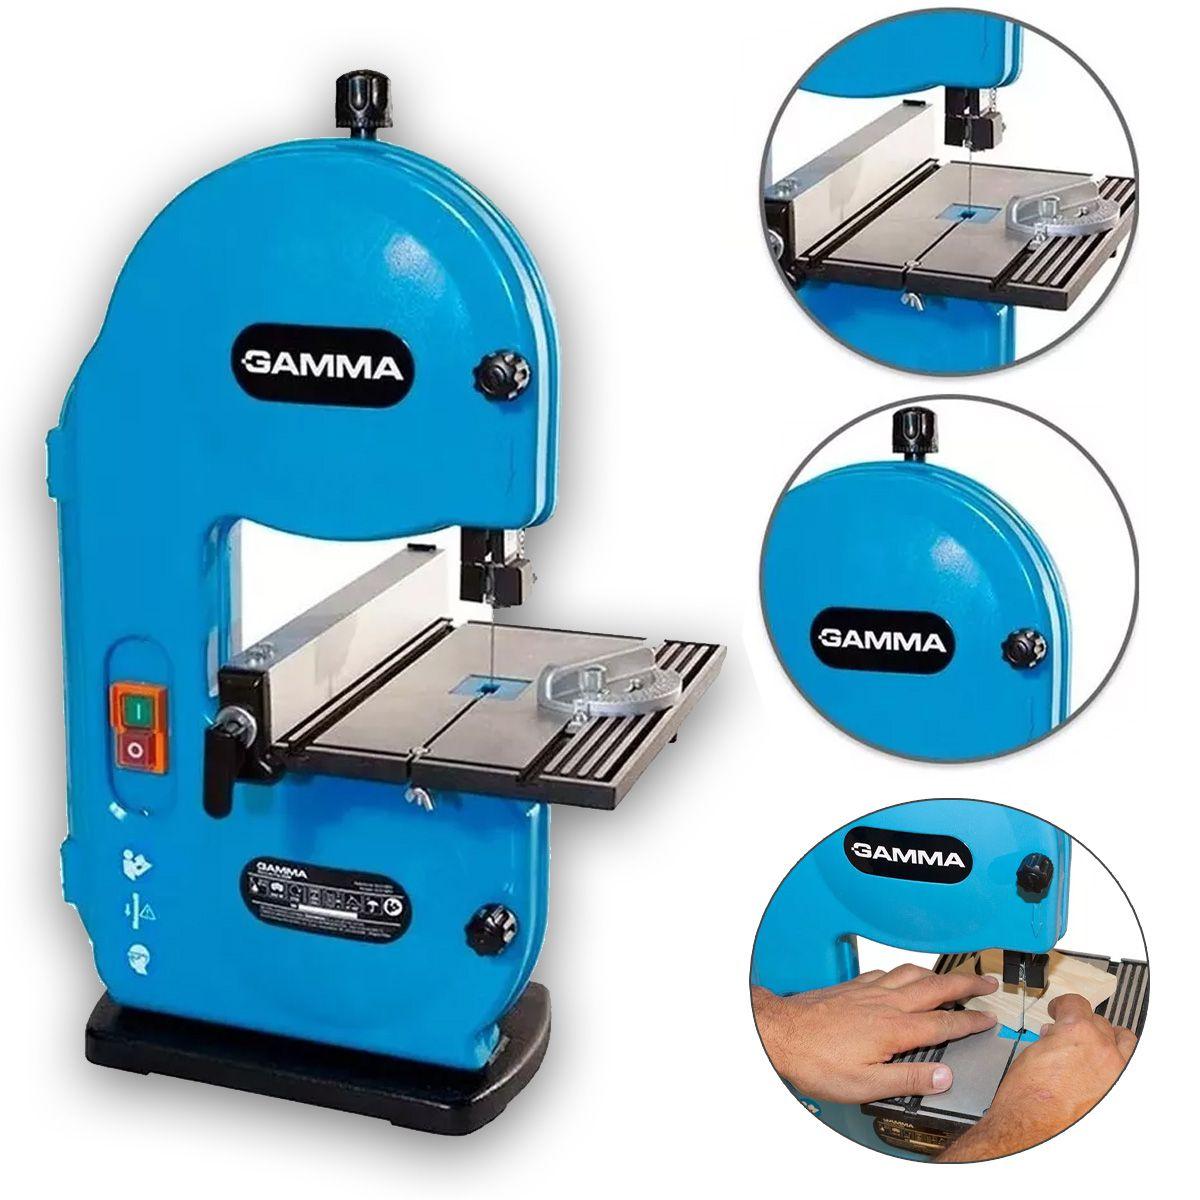 Serra Fita De Bancada Para Madeira Profissional 250w Gamma 220v